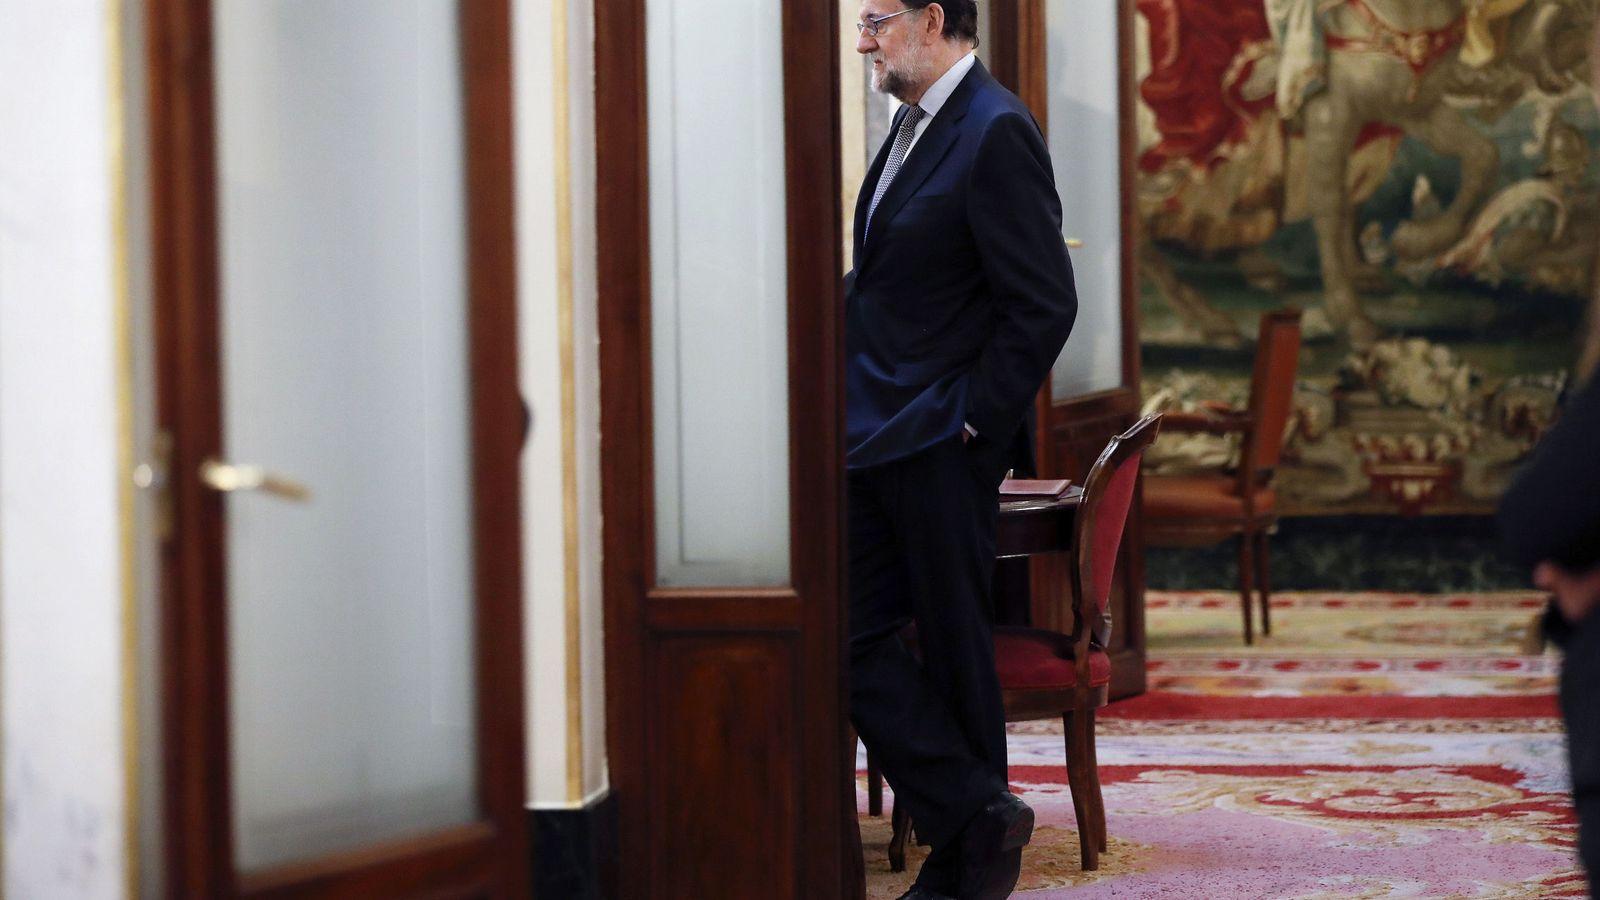 Foto: Mariano Rajoy en el Congreso de los Diputados. (EFE)